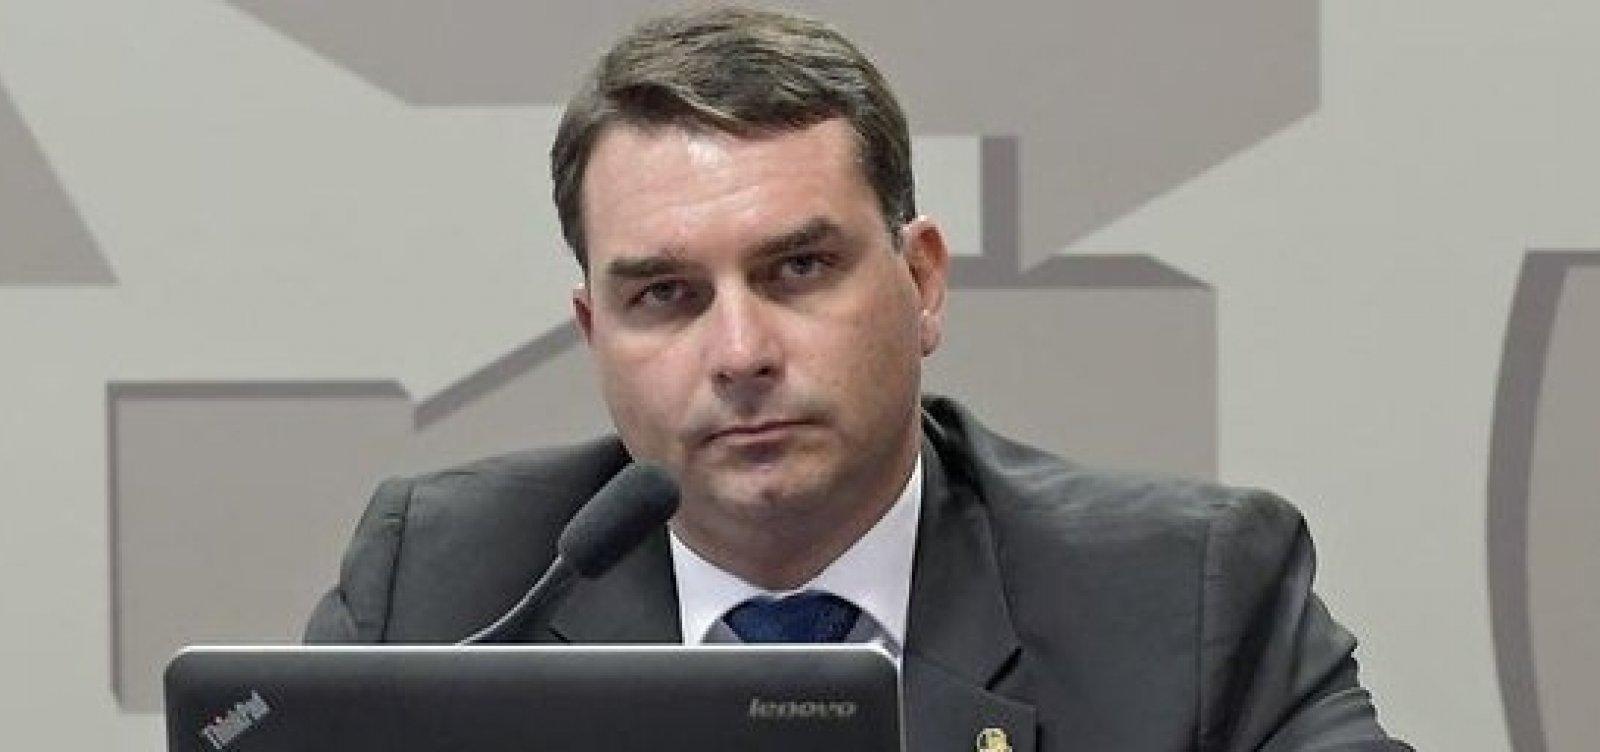 Tese da defesa de Flávio Bolsonaro no caso das 'rachadinhas' é enfraquecida pela Justiça